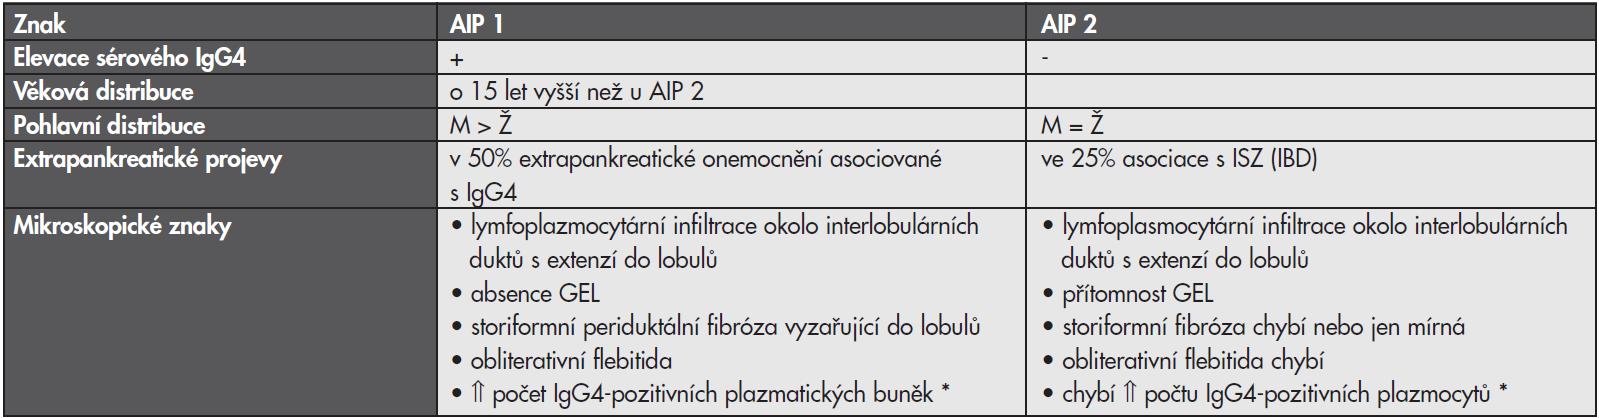 Autoimunní pankreatitida (AIP)